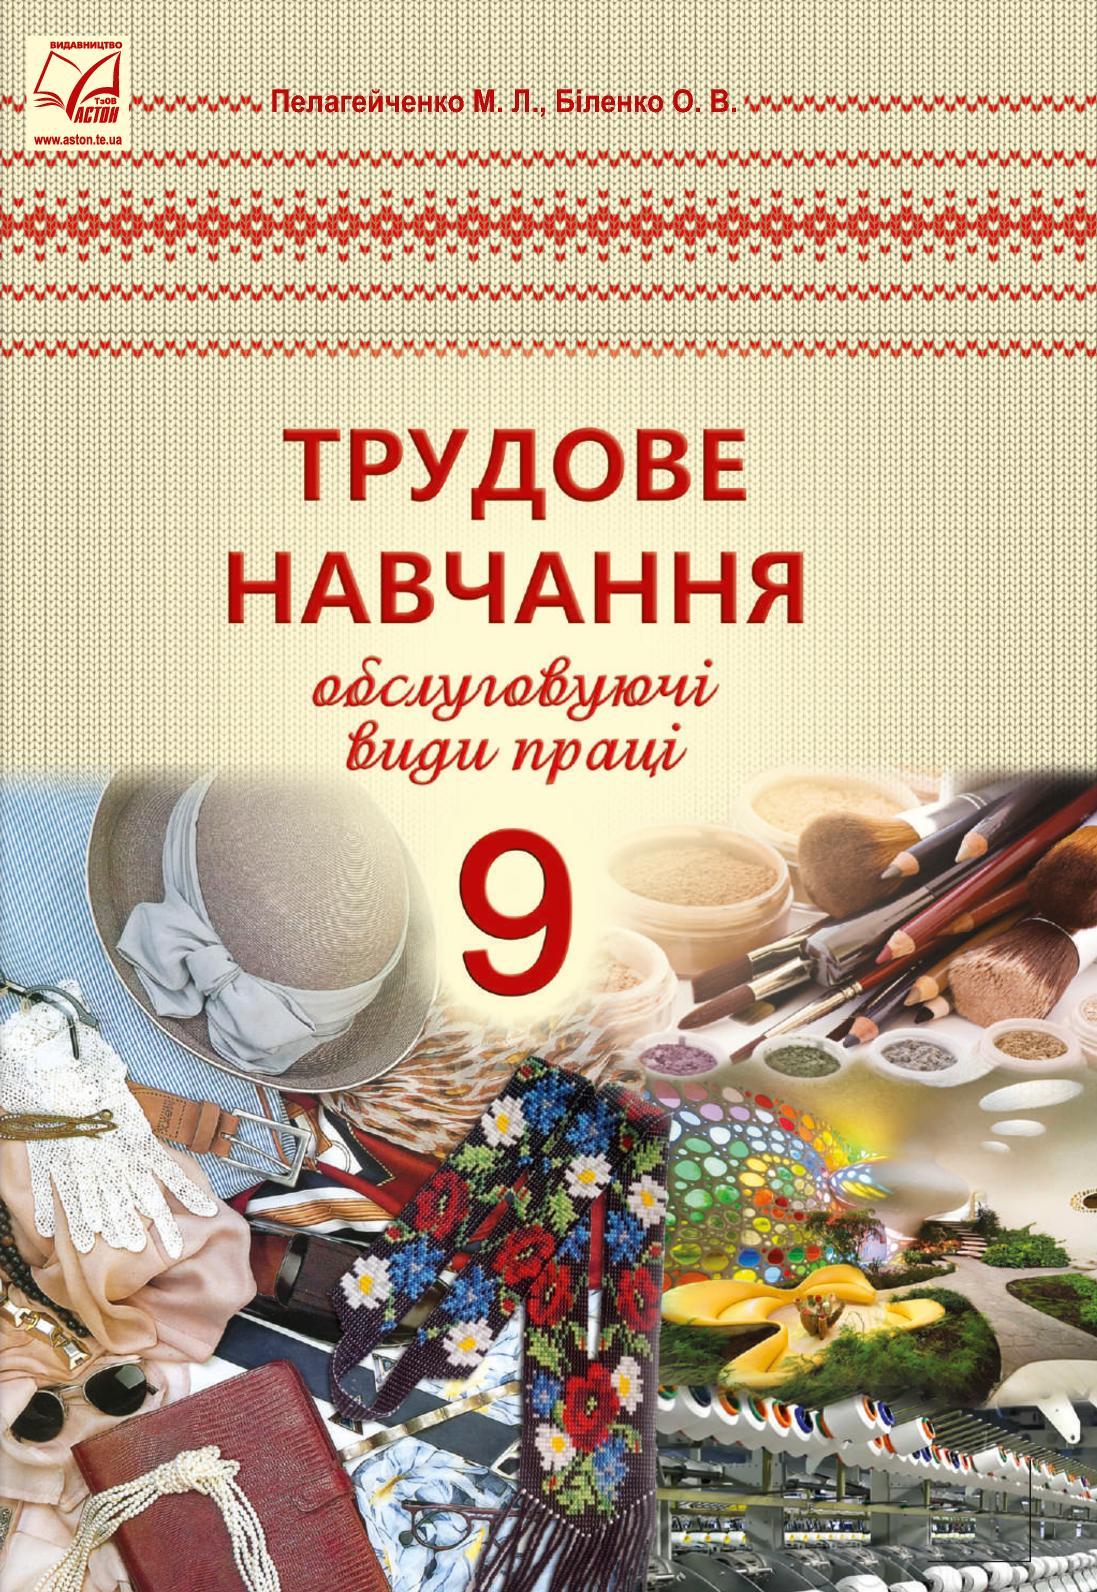 Calaméo - 9 Klas Trudove Navchannja Pelagejchenko 2017 d2902911c710a